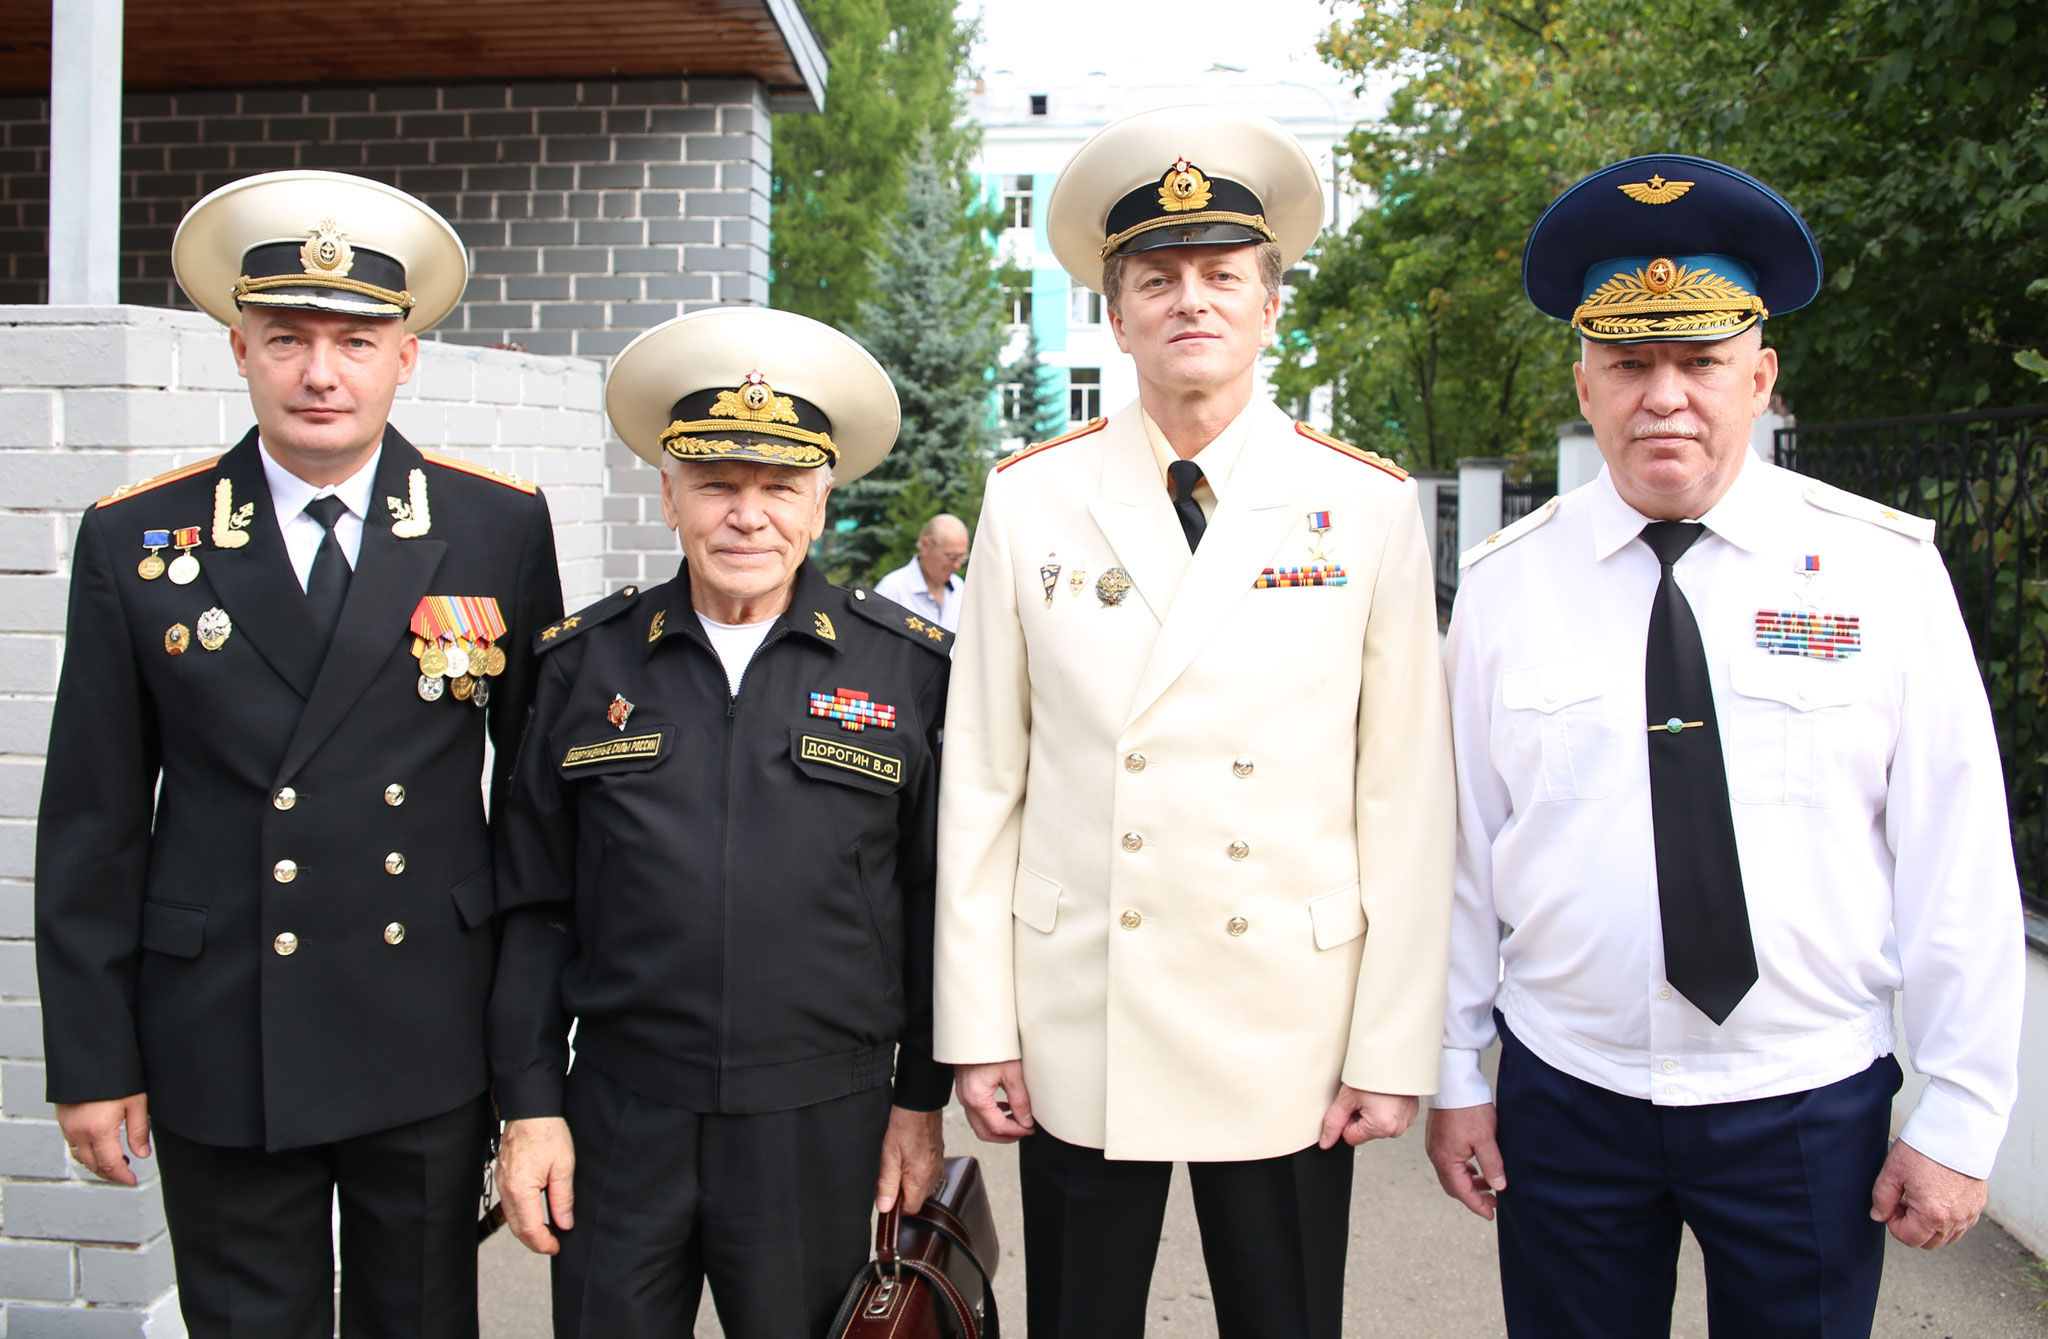 Справа: вице-адмирал Дорогин В.Ф., Герой России полковник Шейко С.С., Герой России генерал-майор Беляев Н.А., Москва, 2018